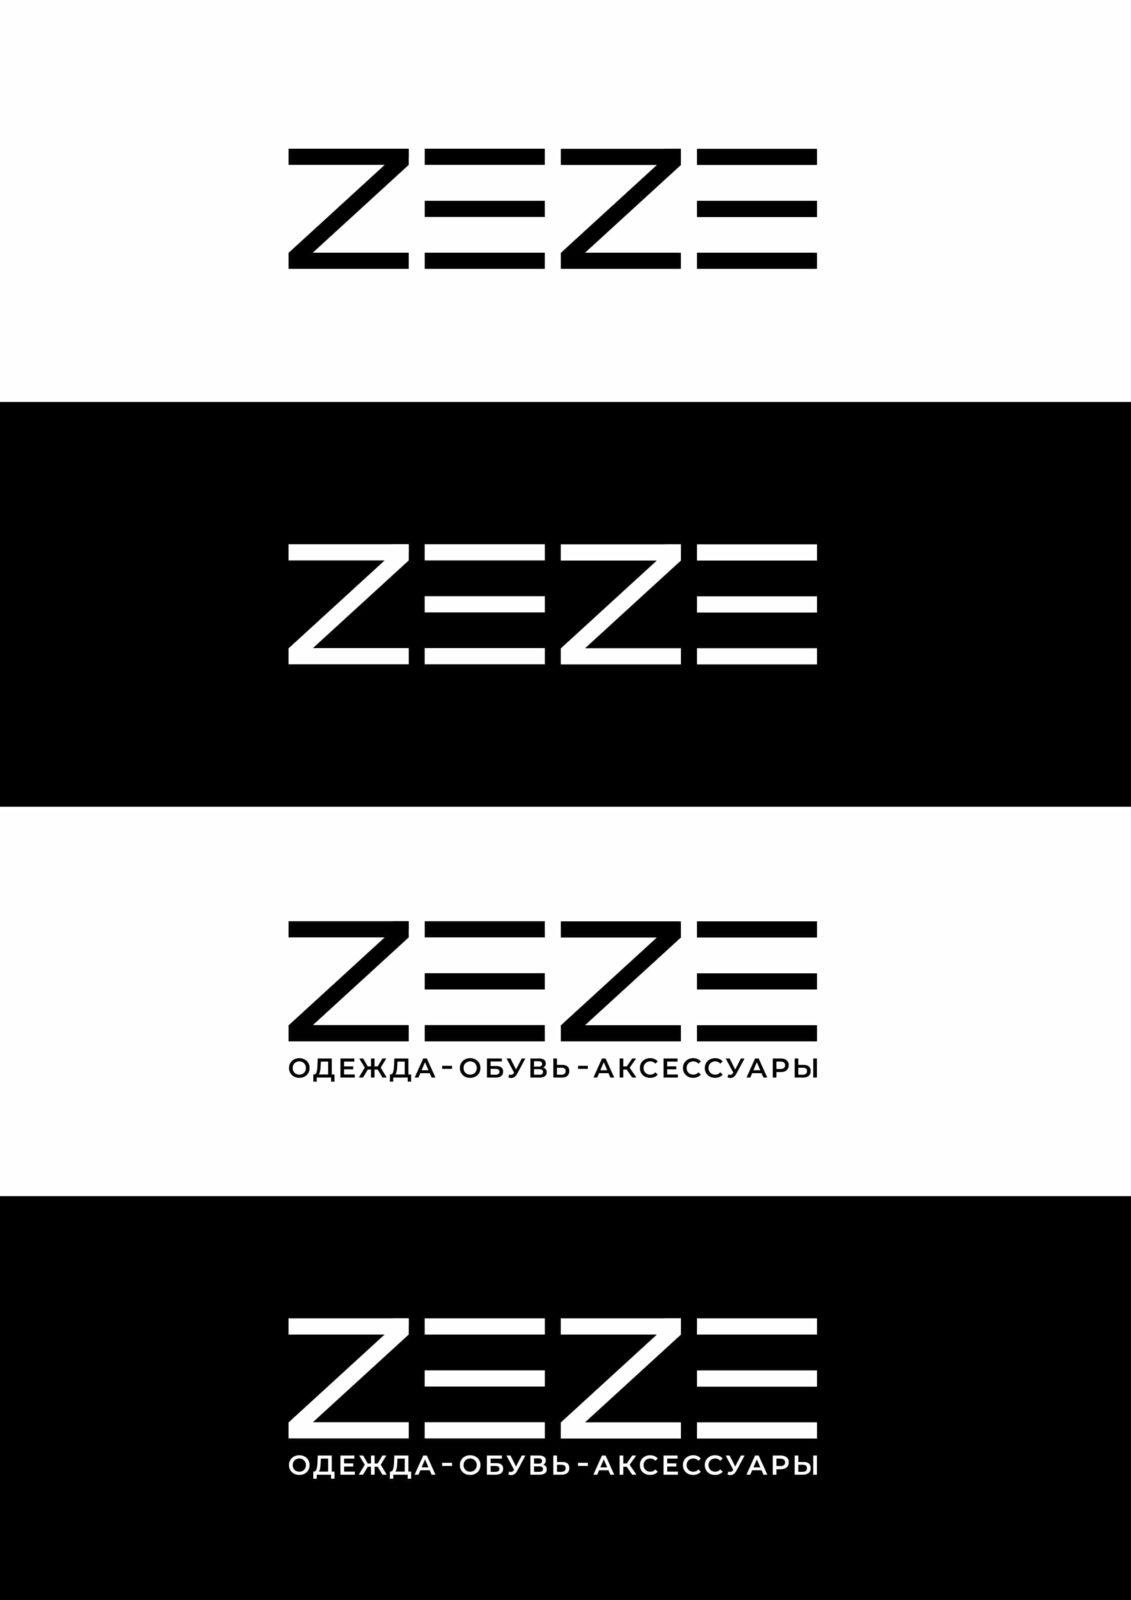 Логотип для магазина одежды вариант 2